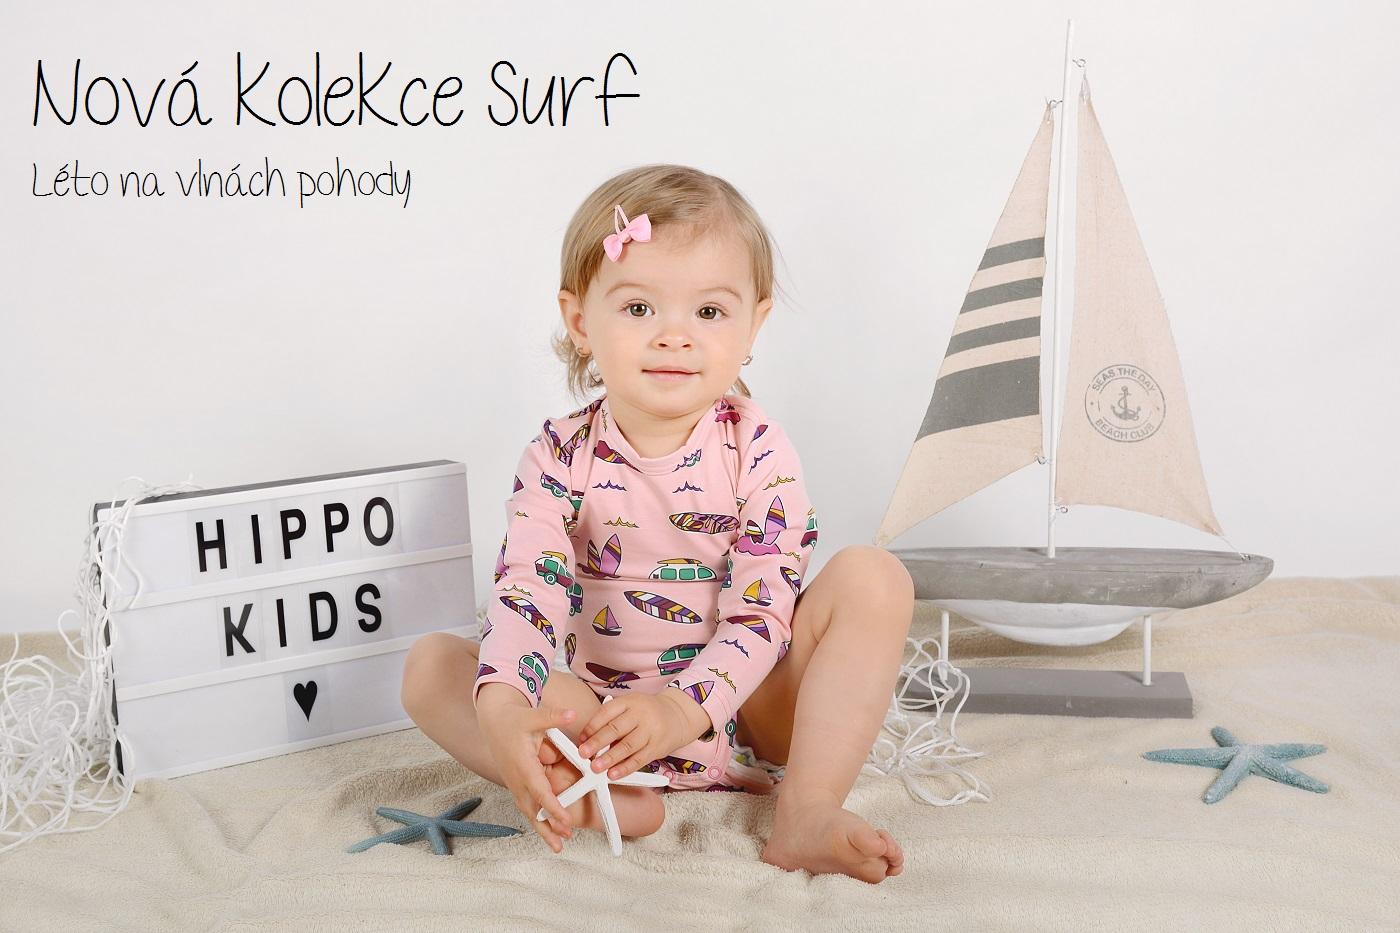 Nová letní kolekce Hippokids Surf. Objevte kolekci oblečení pro miminka, kojenecké body, kojenecké kraťasy, kojenecký letní set pro miminka a tričko pro miminka s letním motivem Surf.